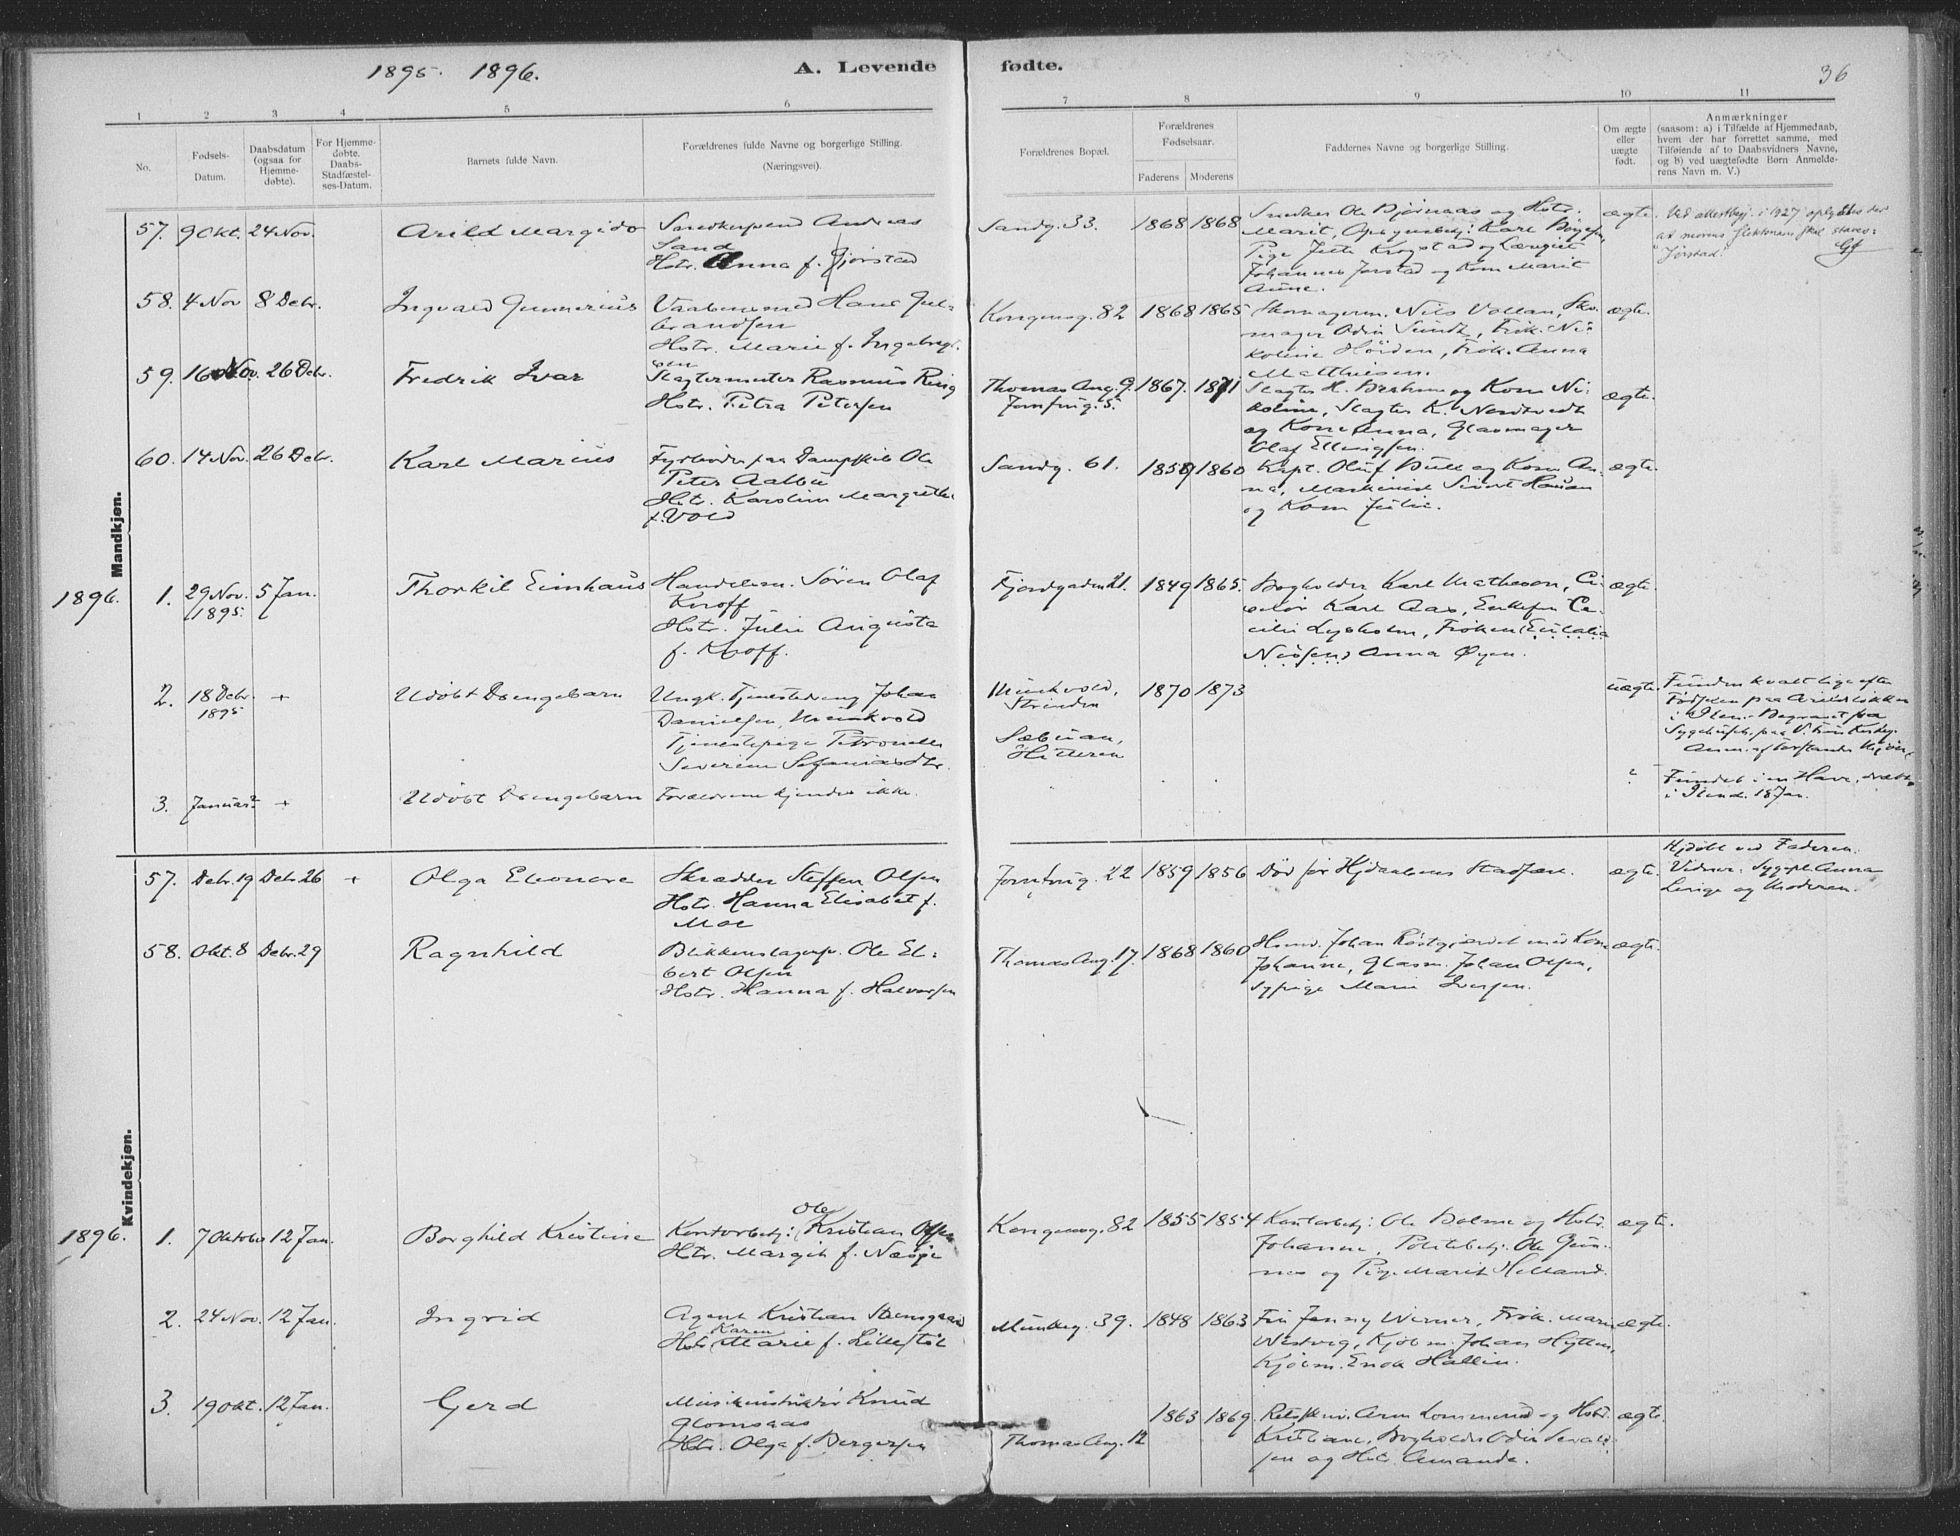 SAT, Ministerialprotokoller, klokkerbøker og fødselsregistre - Sør-Trøndelag, 602/L0122: Ministerialbok nr. 602A20, 1892-1908, s. 36